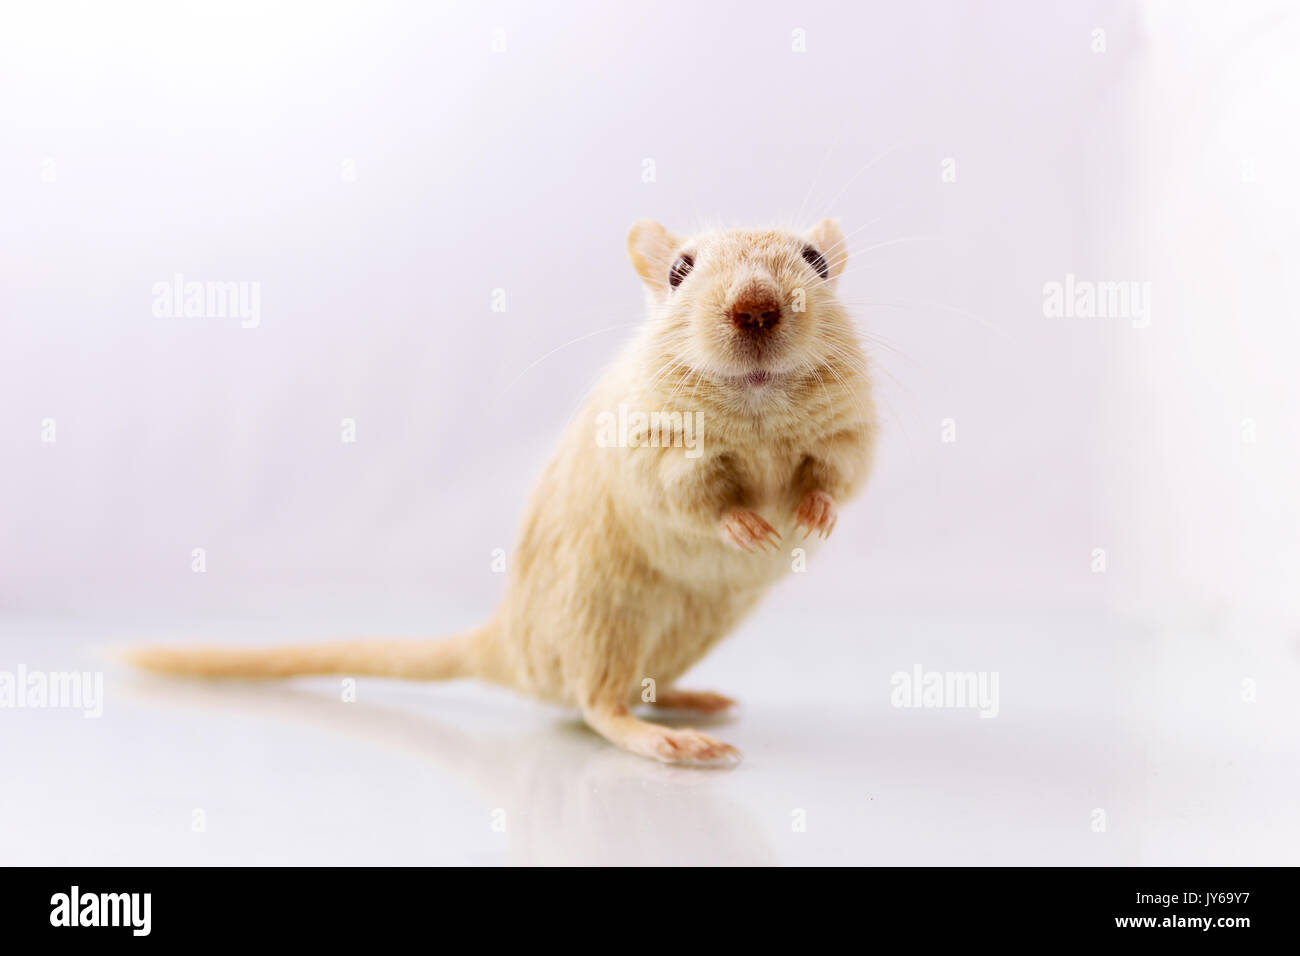 Flauschige kleine Nager rennmaus auf weißem Hintergrund in der Kamera auf der Suche Stockbild